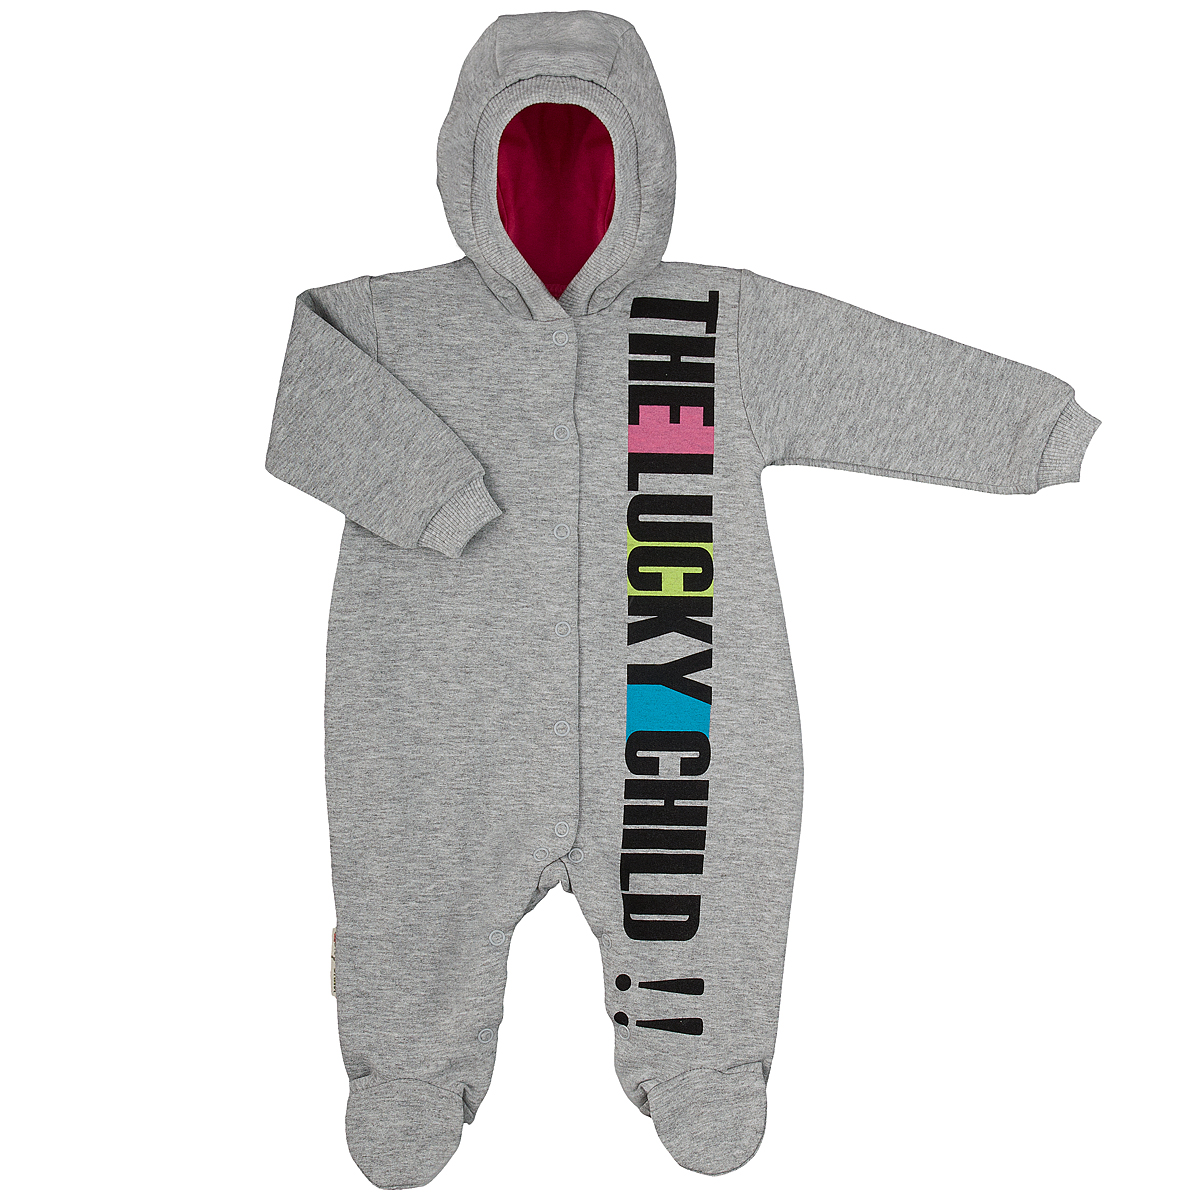 Комбинезон детский Lucky Child, цвет: серый, розовый. 1-3. Размер 80/861-3Детский комбинезон с капюшоном Lucky Child - очень удобный и практичный вид одежды для малышей. Комбинезон выполнен из натурального хлопка, благодаря чему он необычайно мягкий и приятный на ощупь, не раздражают нежную кожу ребенка и хорошо вентилируются, а эластичные швы приятны телу малыша и не препятствуют его движениям. Комбинезон с длинными рукавами и закрытыми ножками имеет застежки-кнопки по центру от горловины до щиколоток, которые помогают легко переодеть младенца или сменить подгузник. Спереди он оформлен оригинальным принтом в виде надписи The Lucky Child!!. Рукава понизу дополнены широкими трикотажными манжетами, не перетягивающими запястья. С детским комбинезоном Lucky Child спинка и ножки вашего малыша всегда будут в тепле, он идеален для использования днем и незаменим ночью. Комбинезон полностью соответствует особенностям жизни младенца в ранний период, не стесняя и не ограничивая его в движениях!